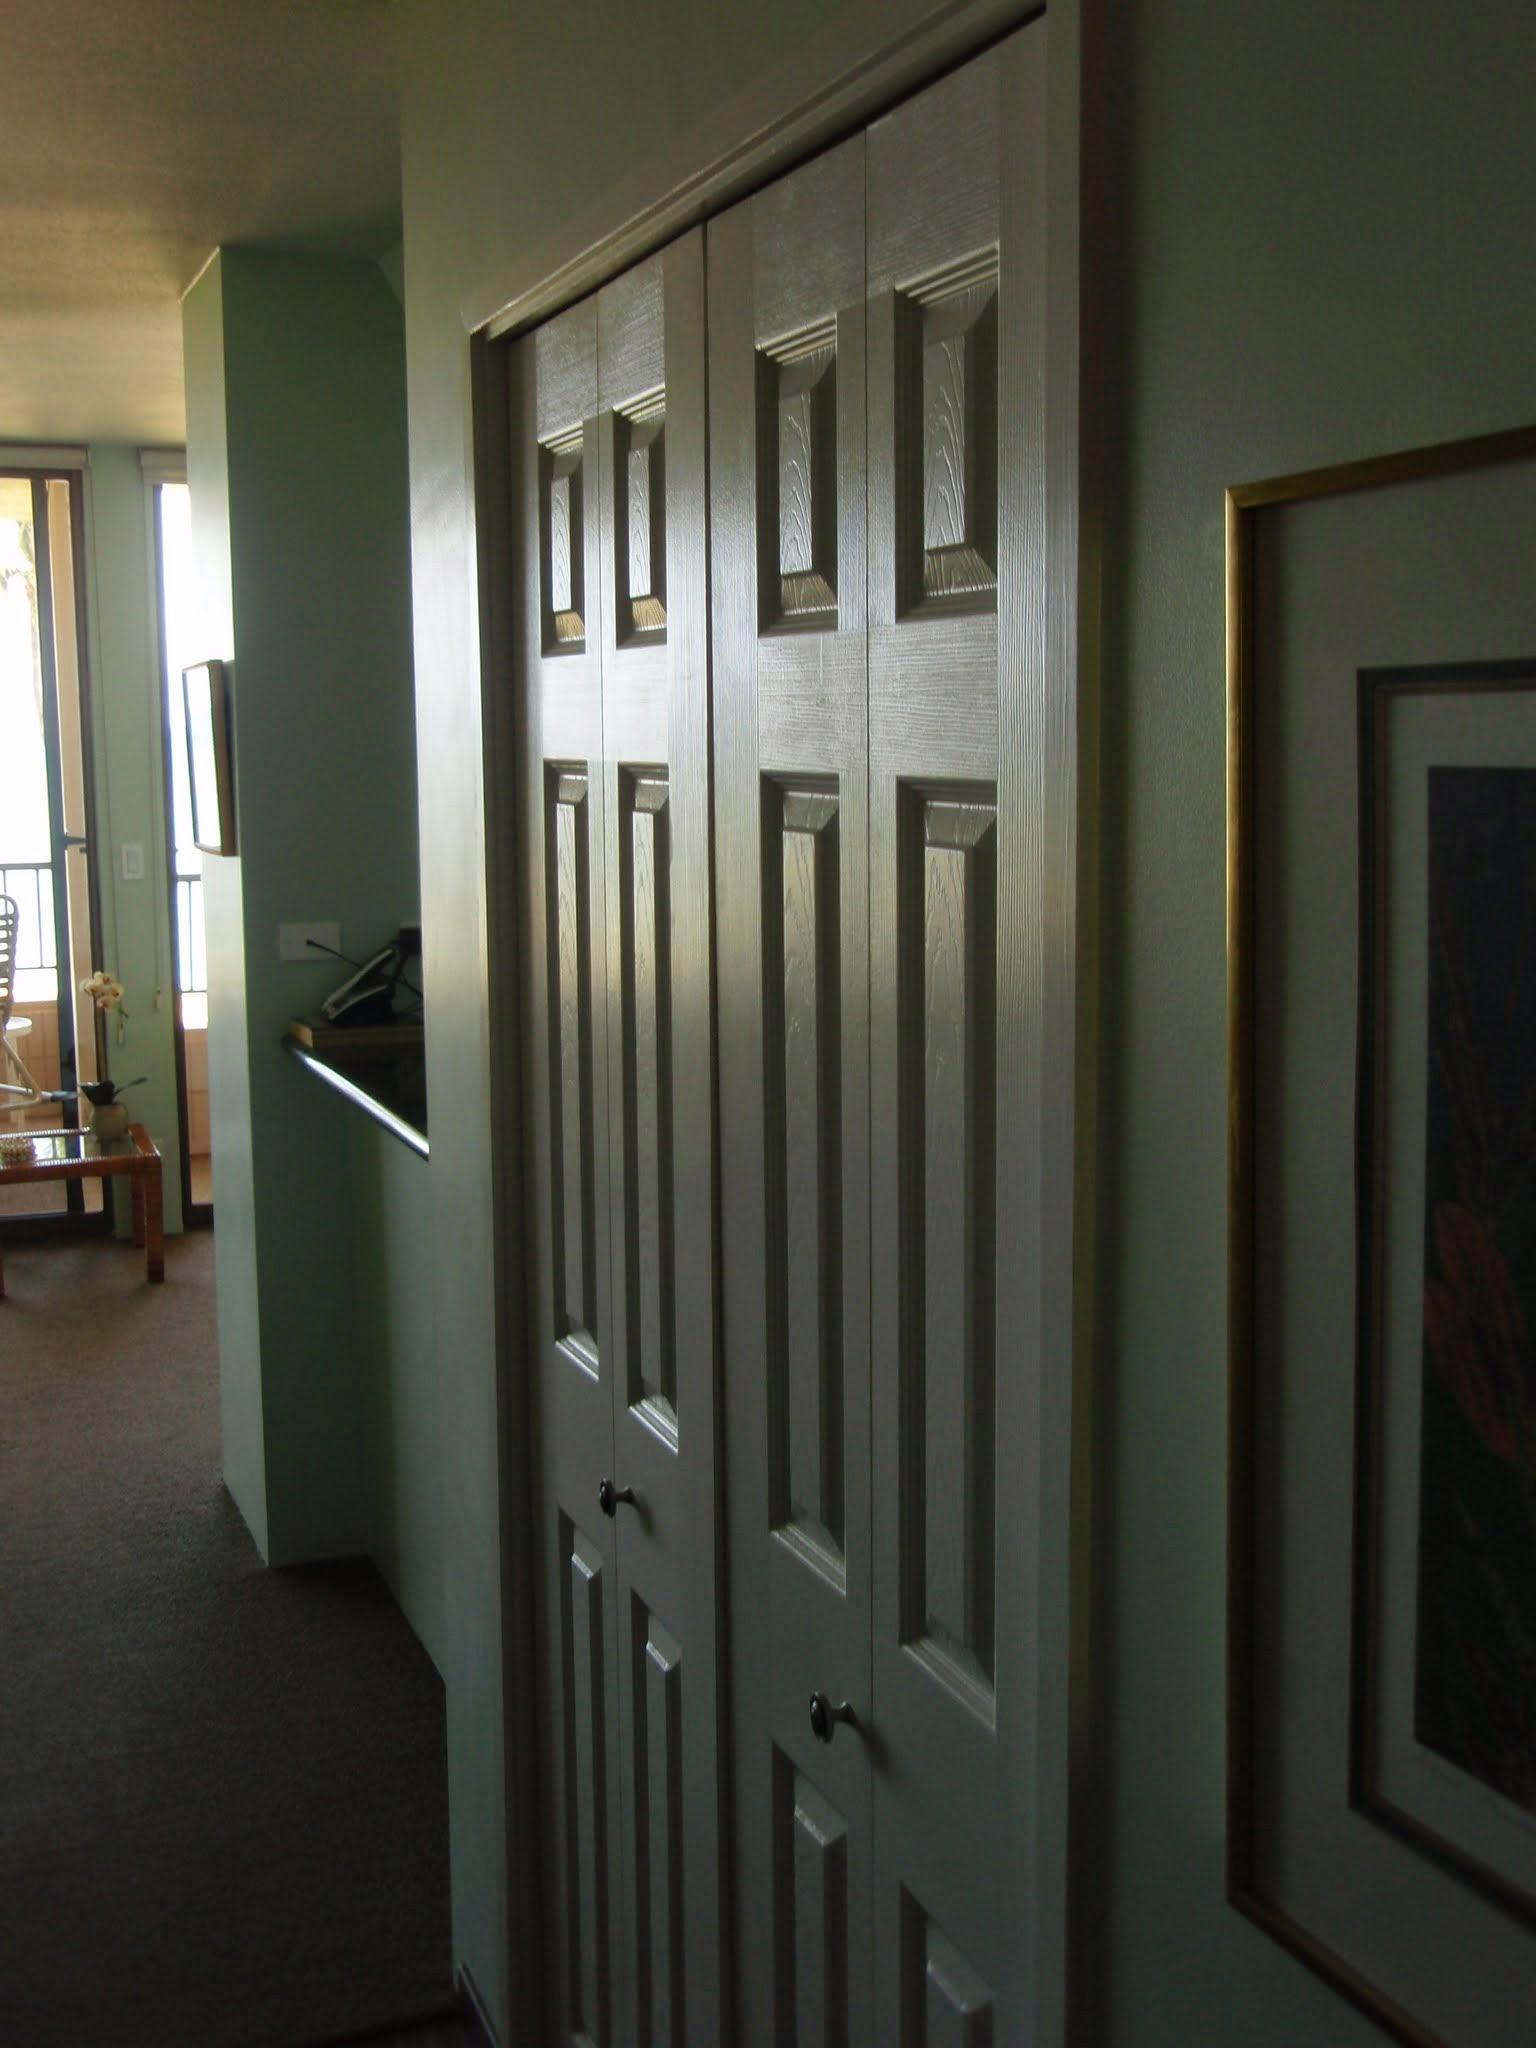 Nice doors